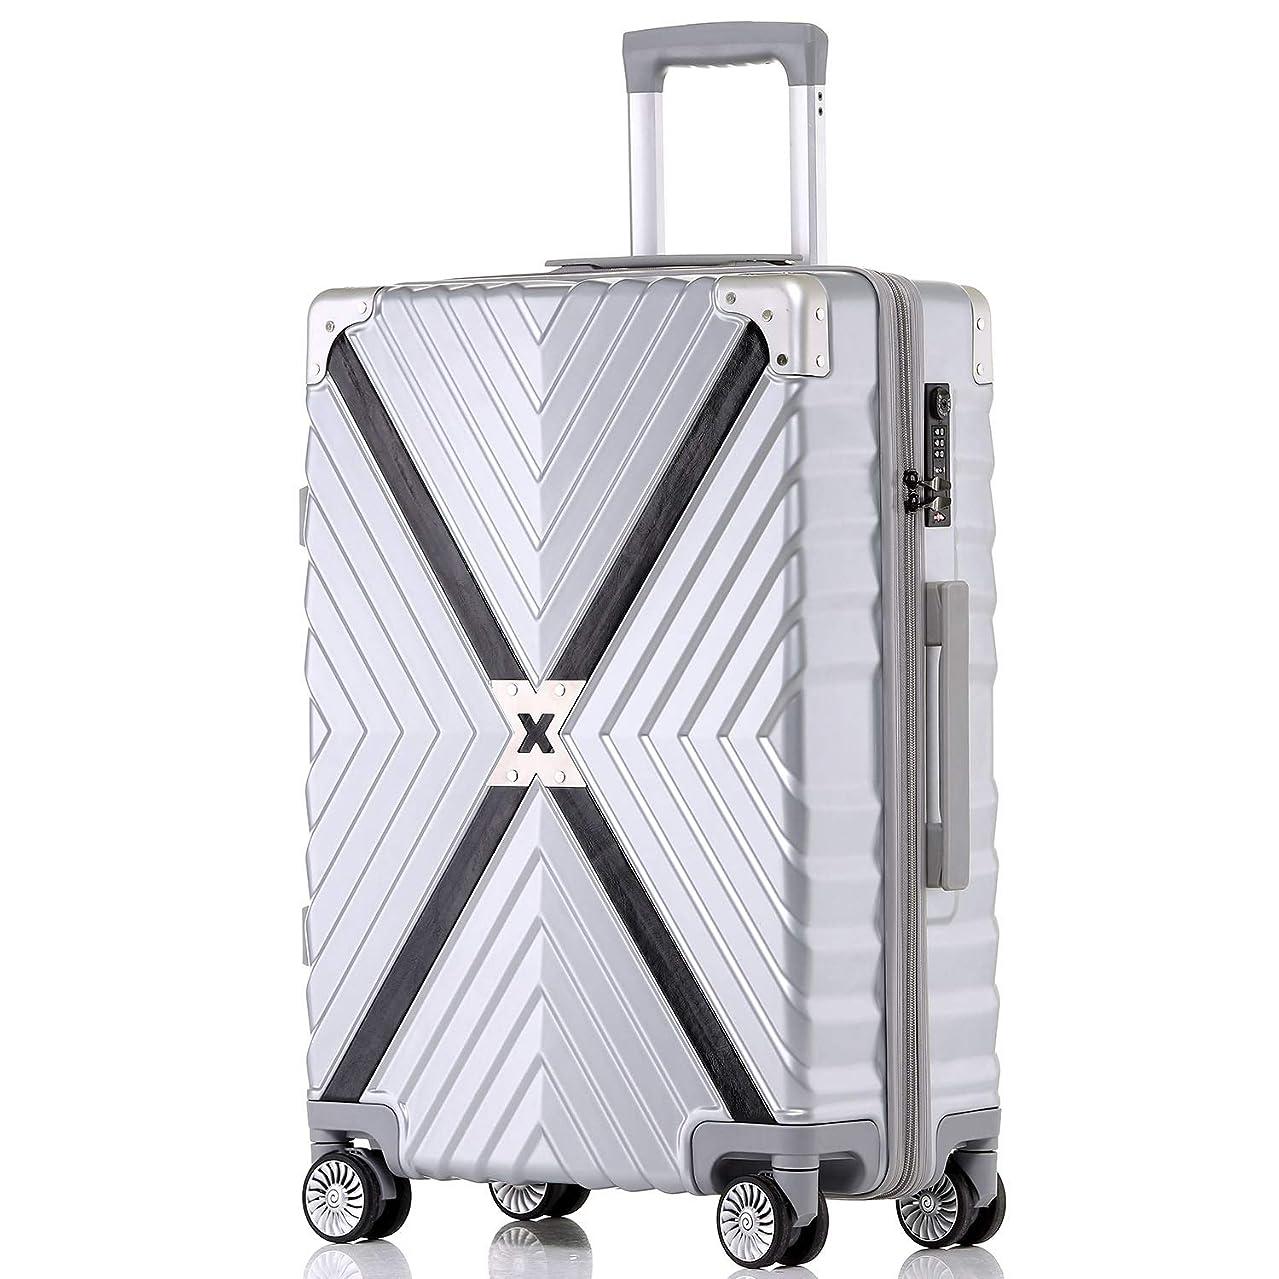 否定する欠陥空虚【XDJ Life】 スーツケース アルミマグネシウム合金 キャリーバッグ ダブルキャスター?静音 キャリーケース TSAロック搭載 フレームタイプ ドイツ製カバー付き 軽量 機内持込